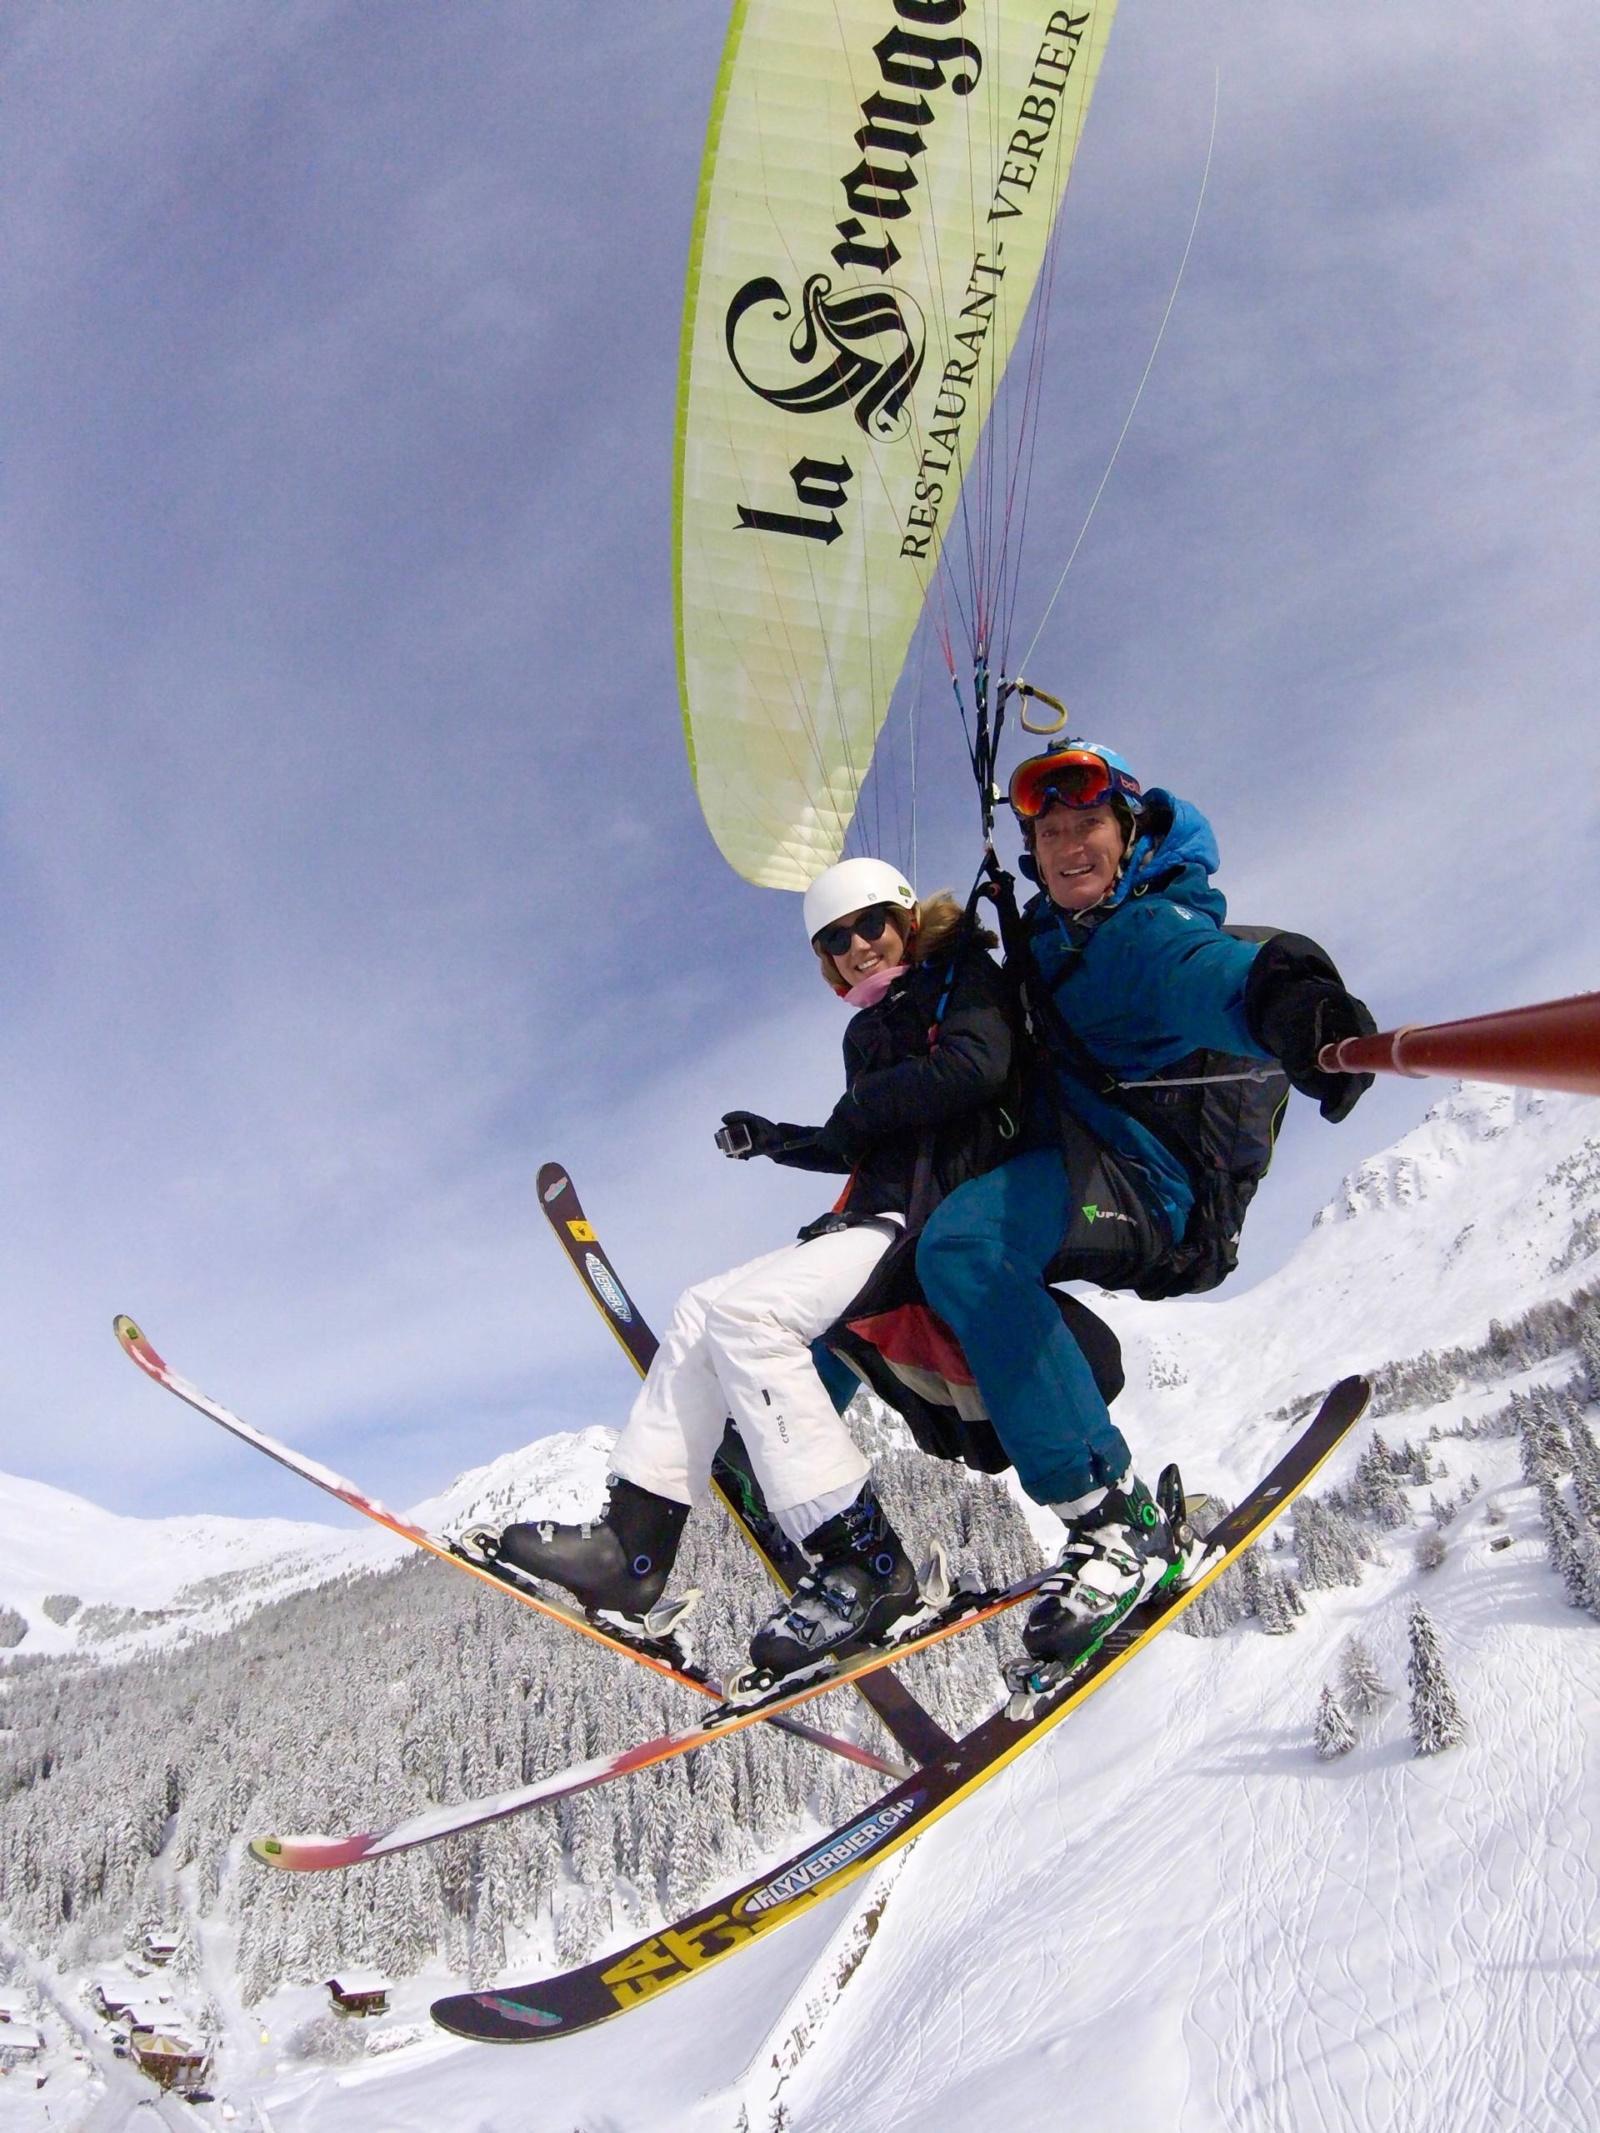 Paragliding in Verbier, Switzerland